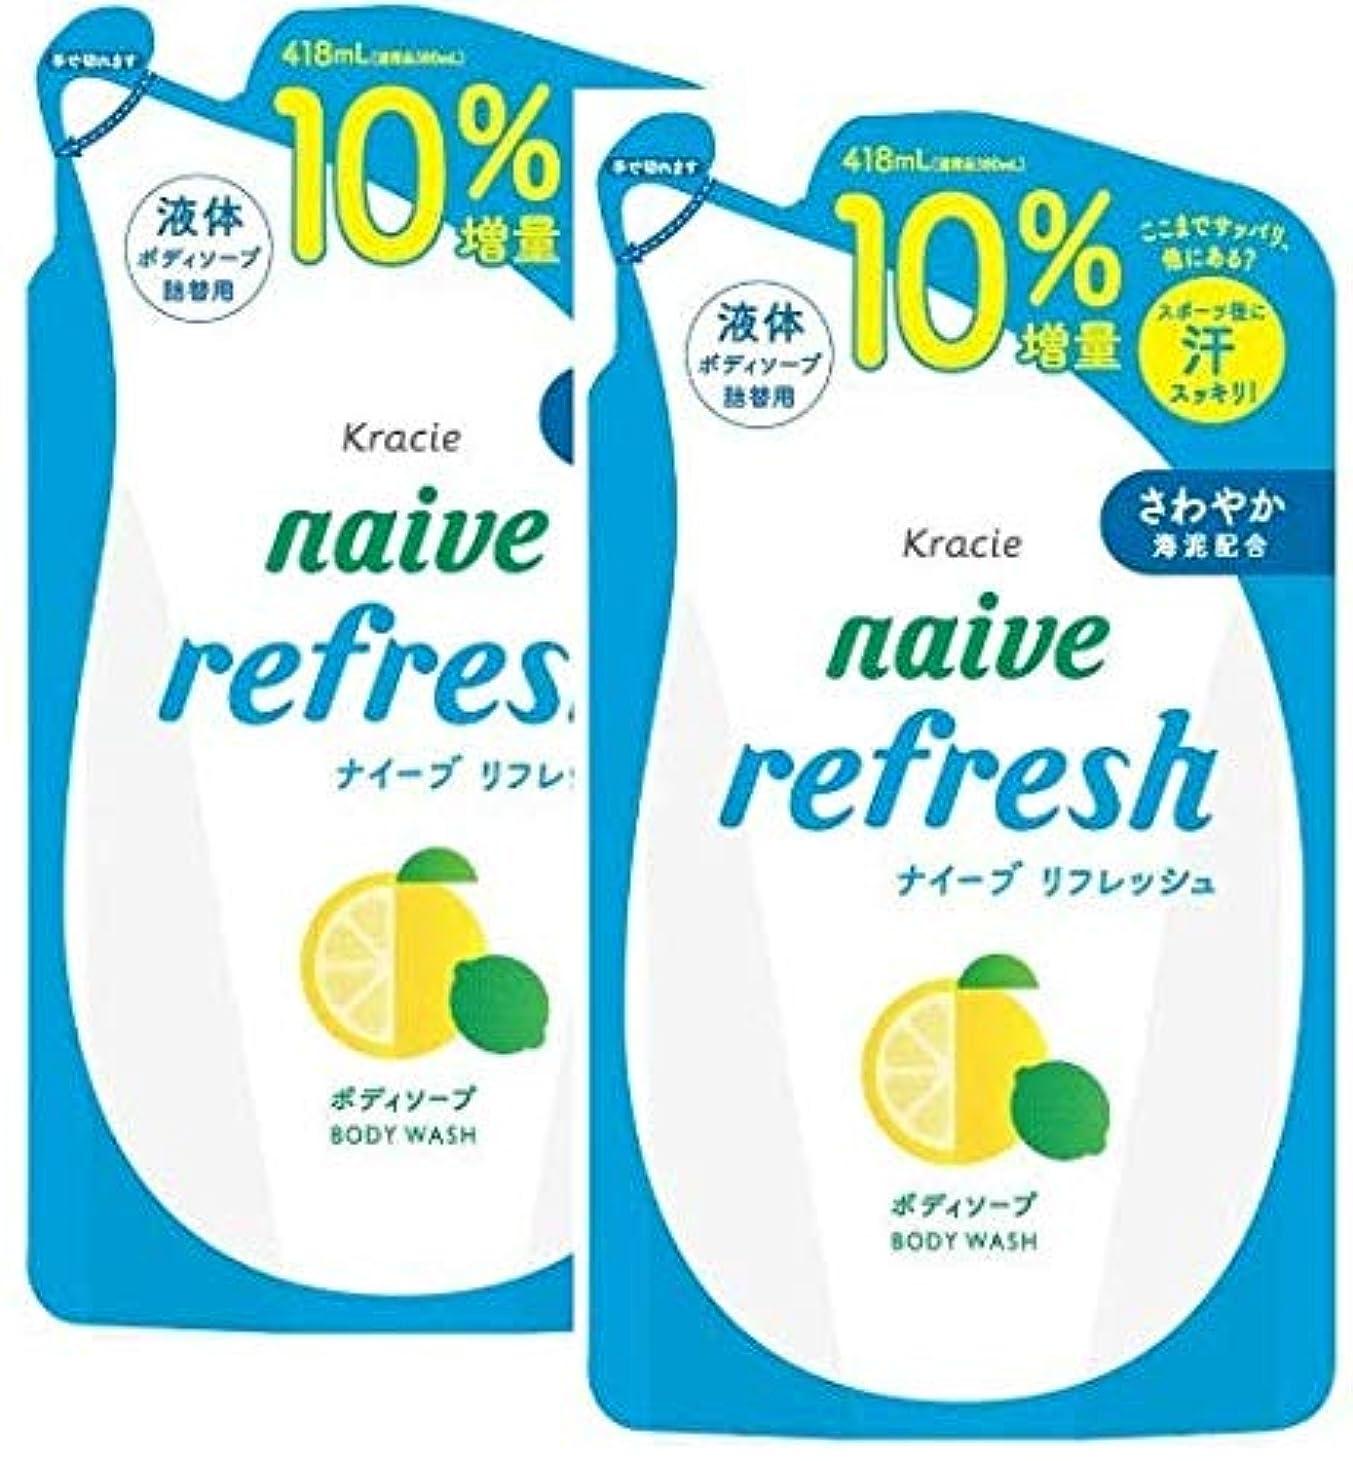 韓国語虚栄心人種ナイーブリフレッシュボディソープ詰替(海泥配合)10%増量